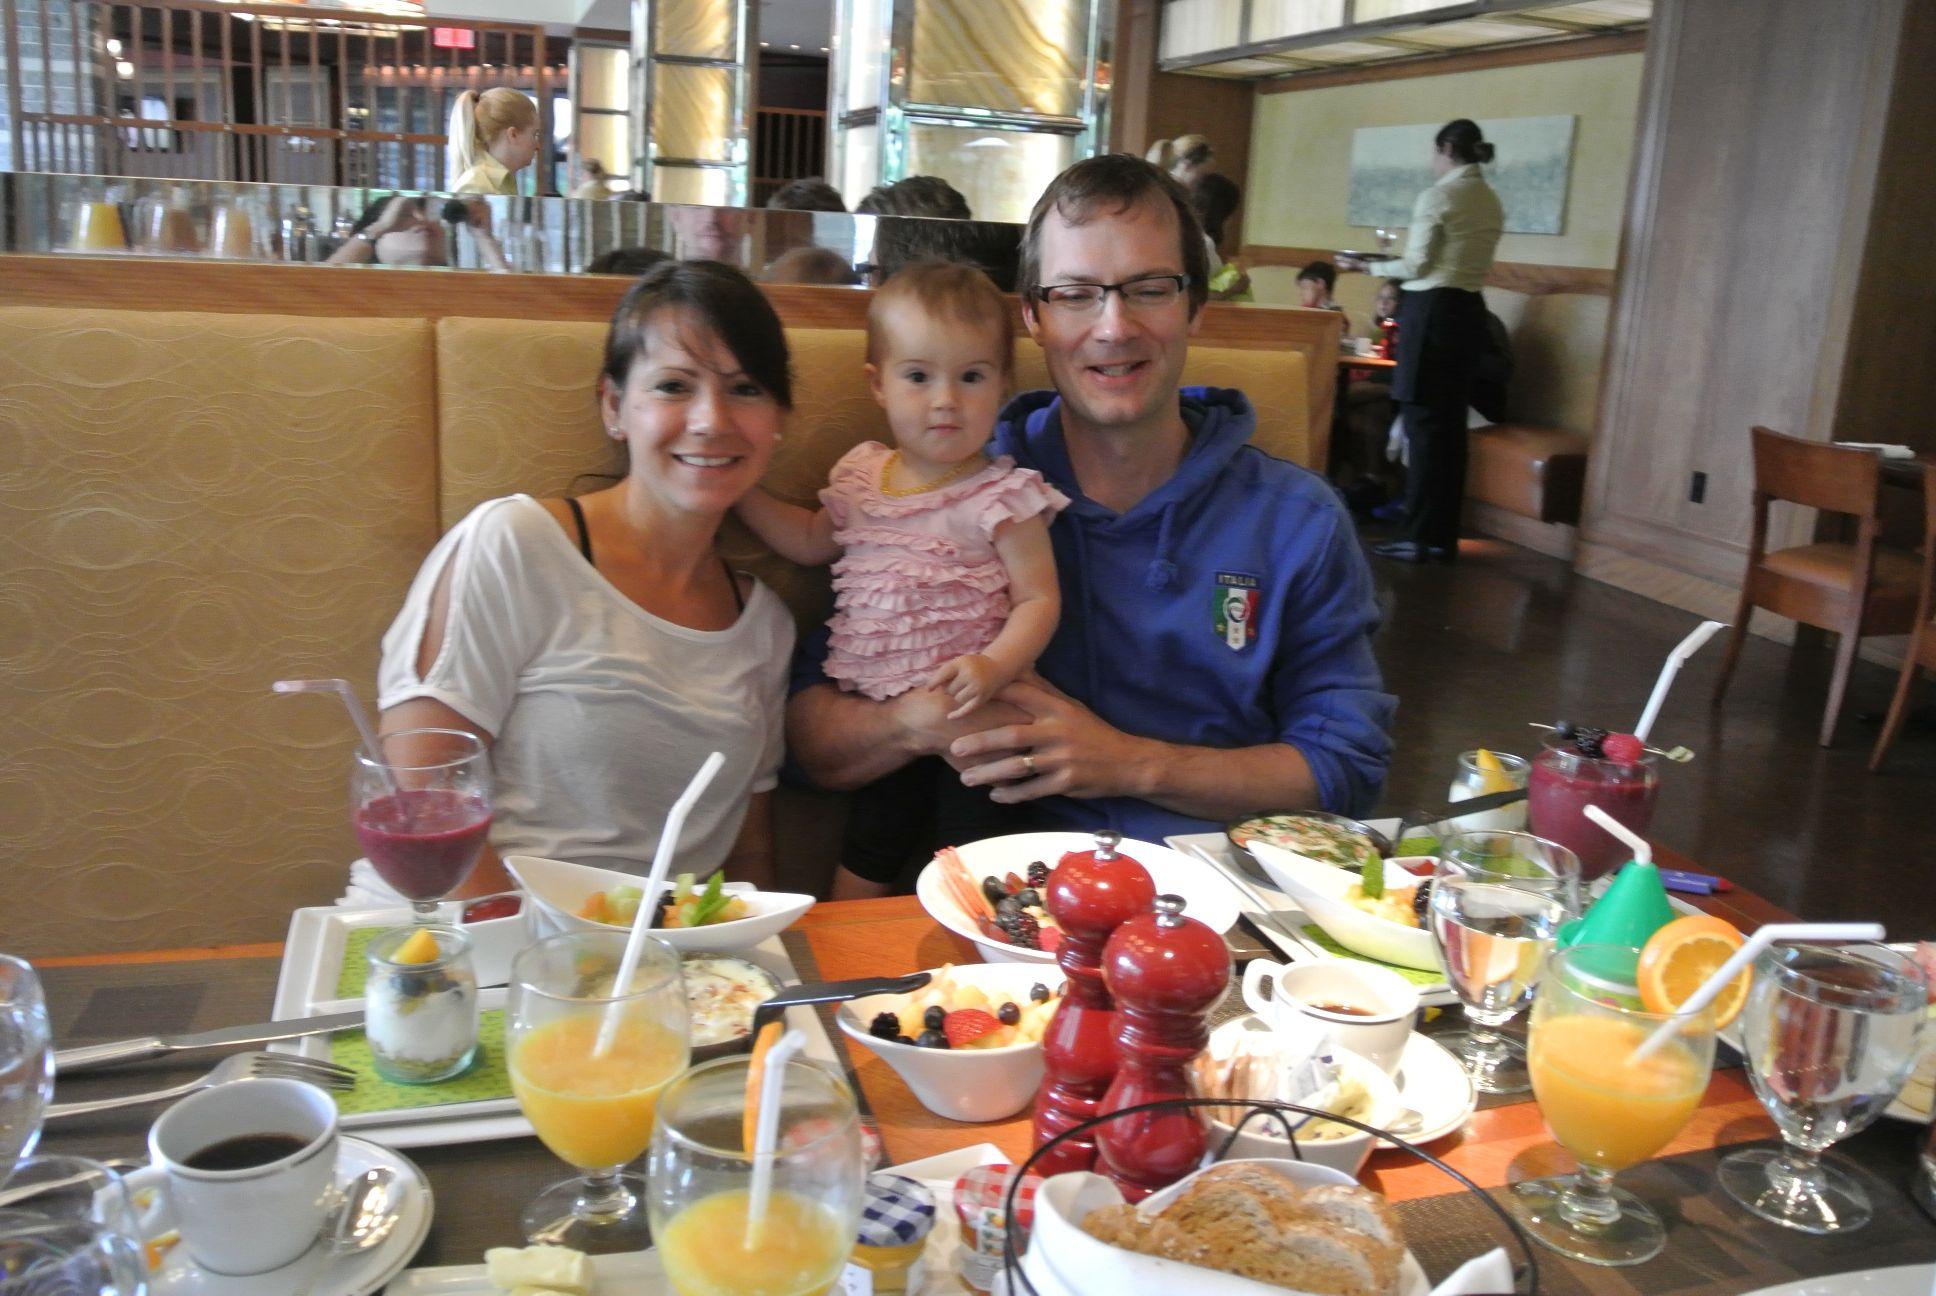 Four Seasons Whistler Family Photo